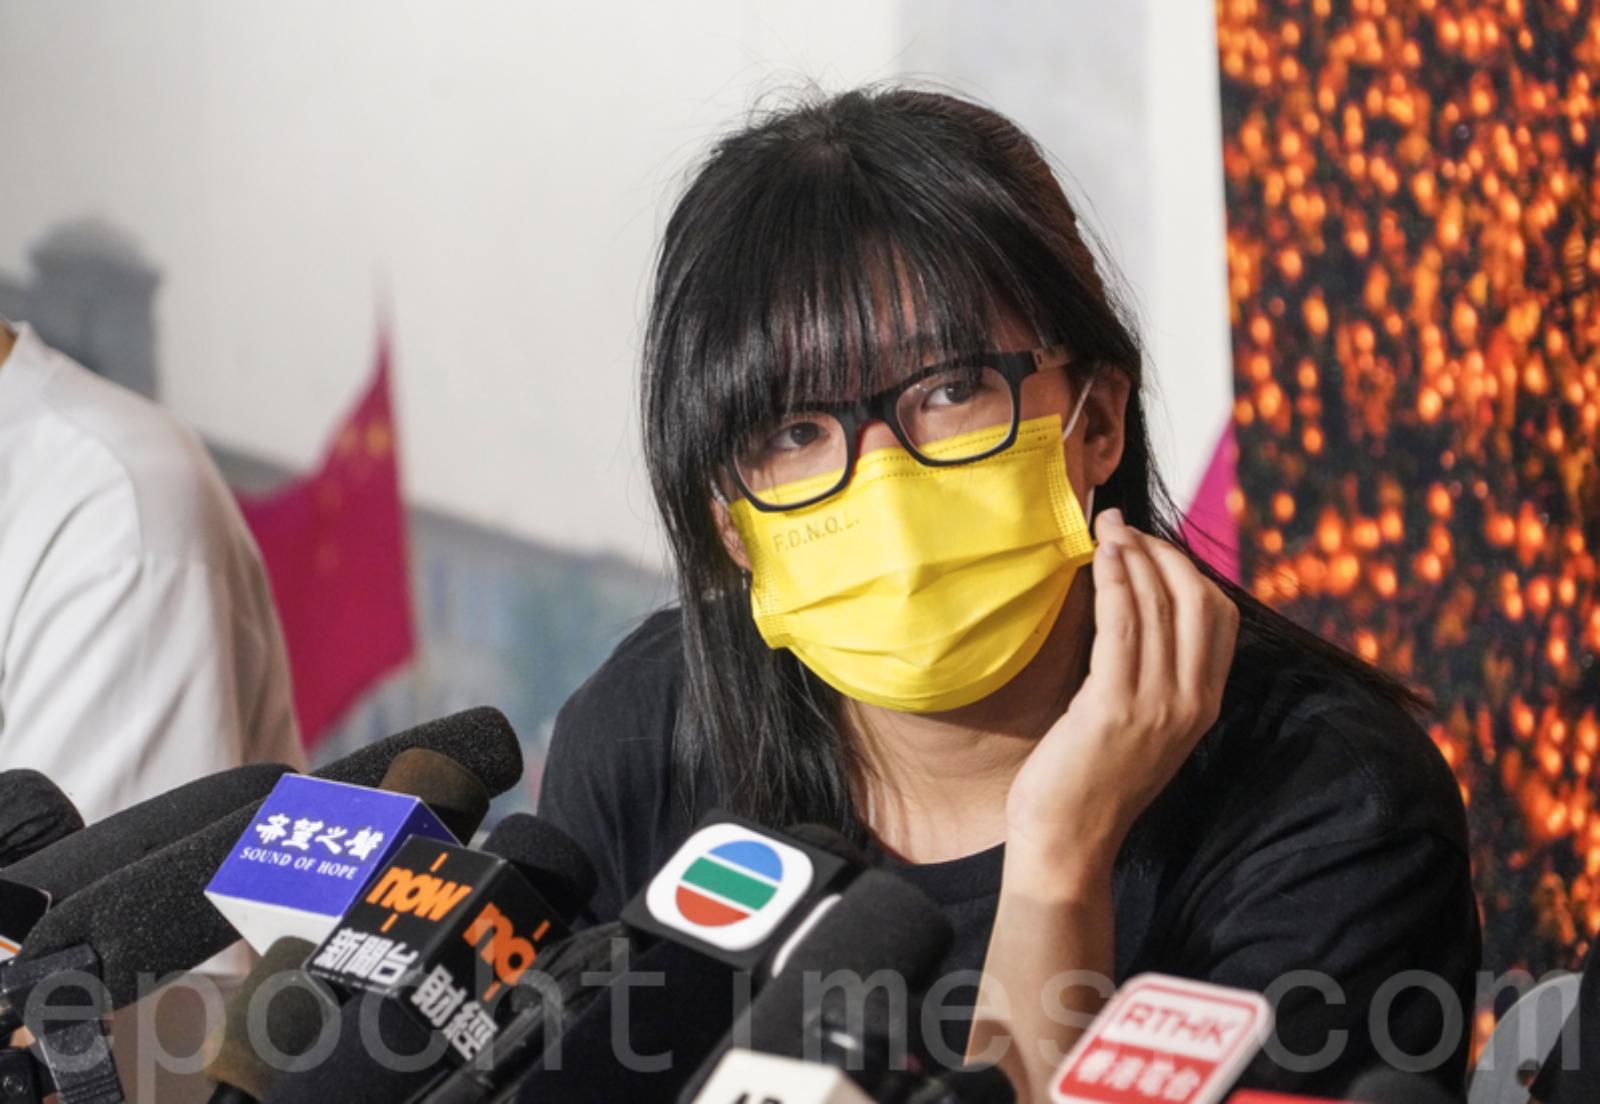 支聯會副主席鄒幸彤9月5日召開記者會發言。(余鋼/大紀元)